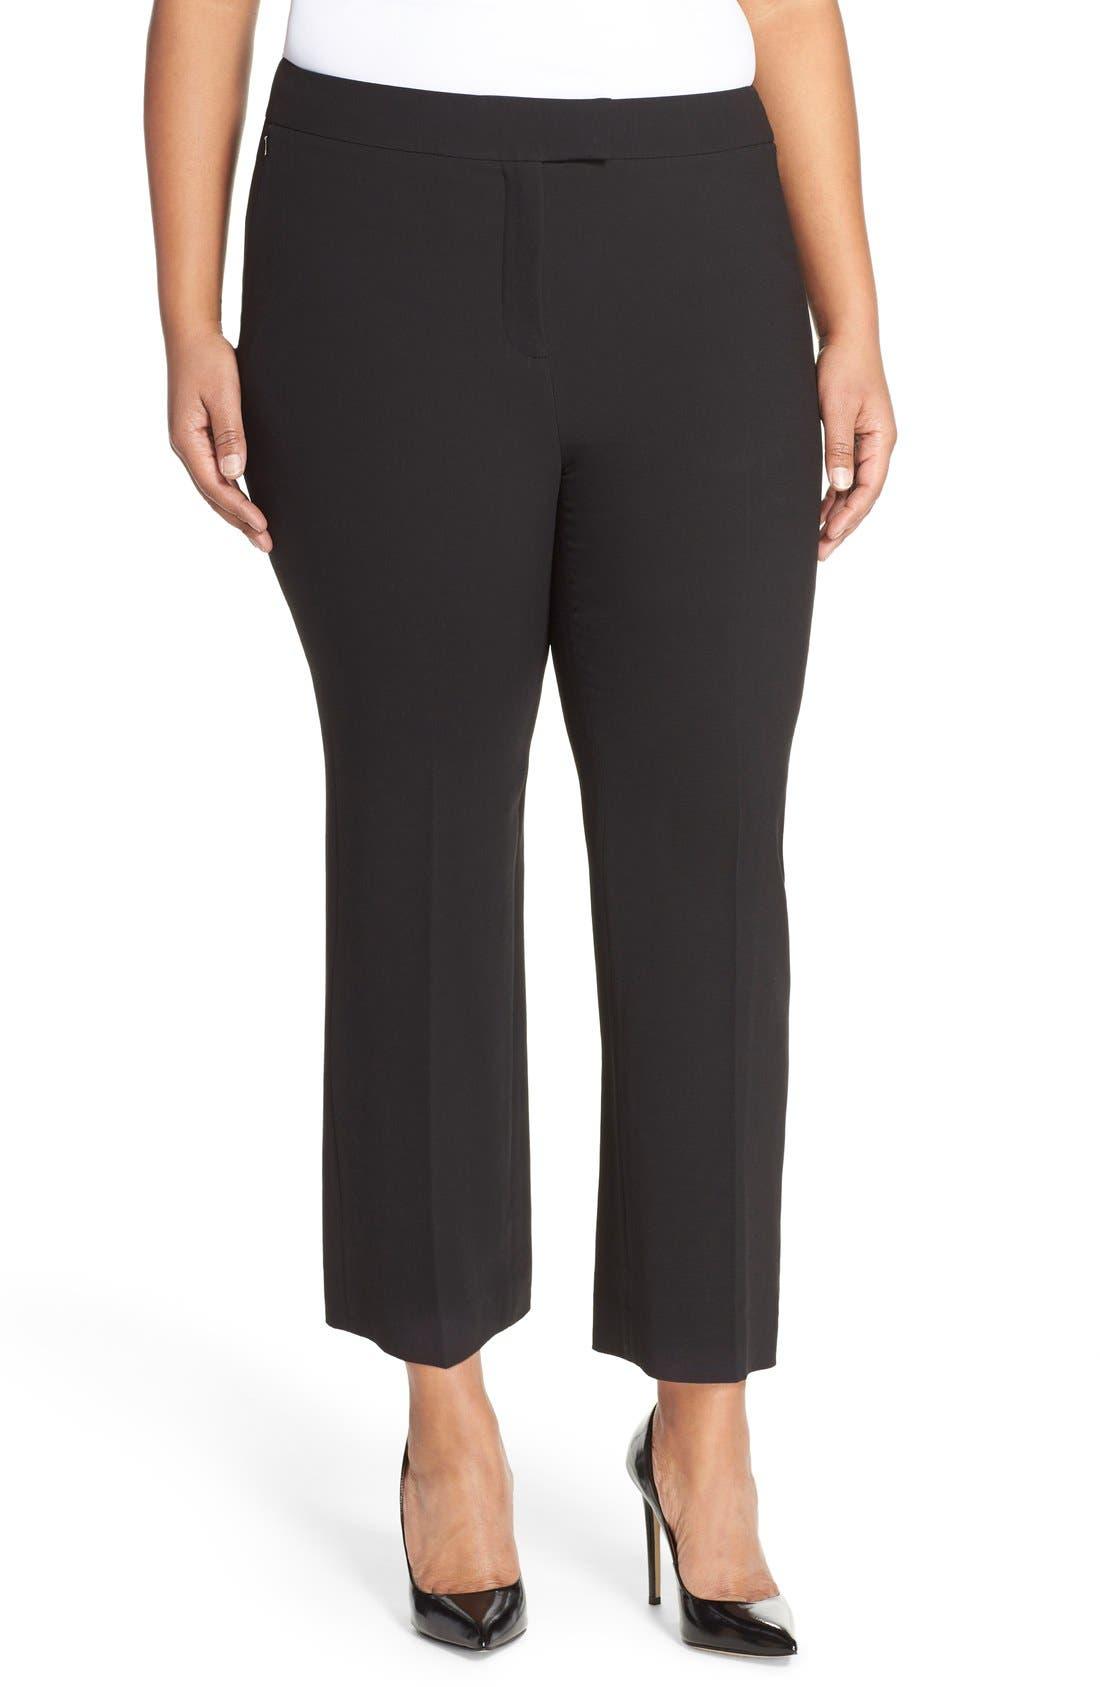 Alternate Image 1 Selected - Classiques Entier® Flare Leg Crop Pants (Plus Size)